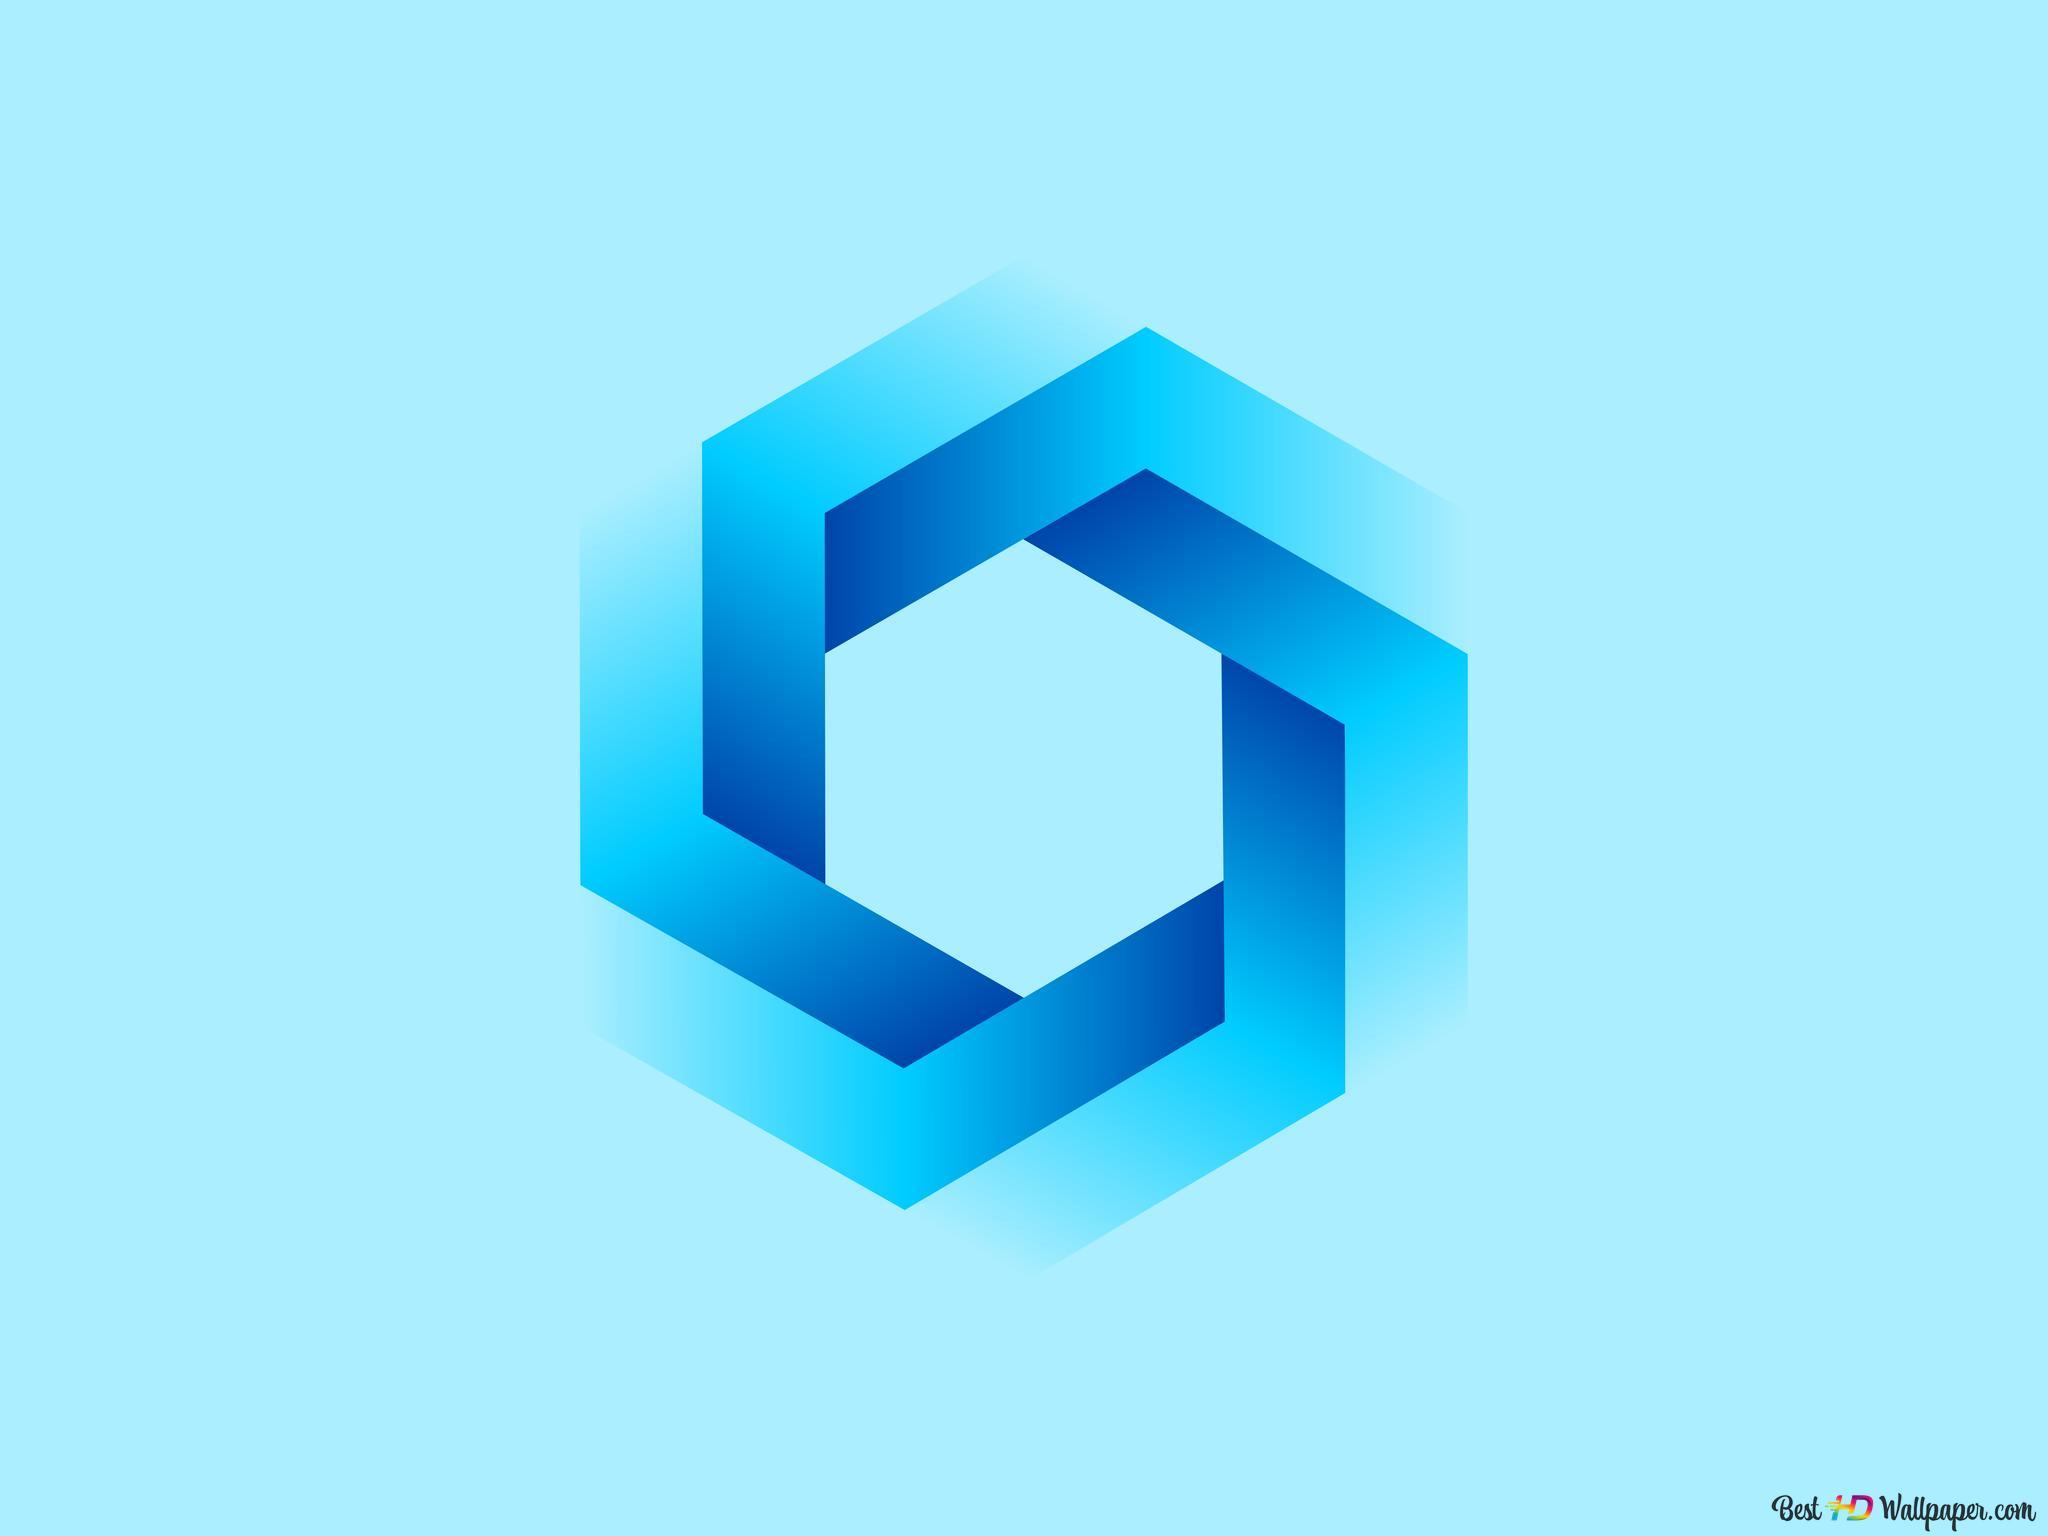 青い六角形のシンプルな壁紙 Hd壁紙のダウンロード